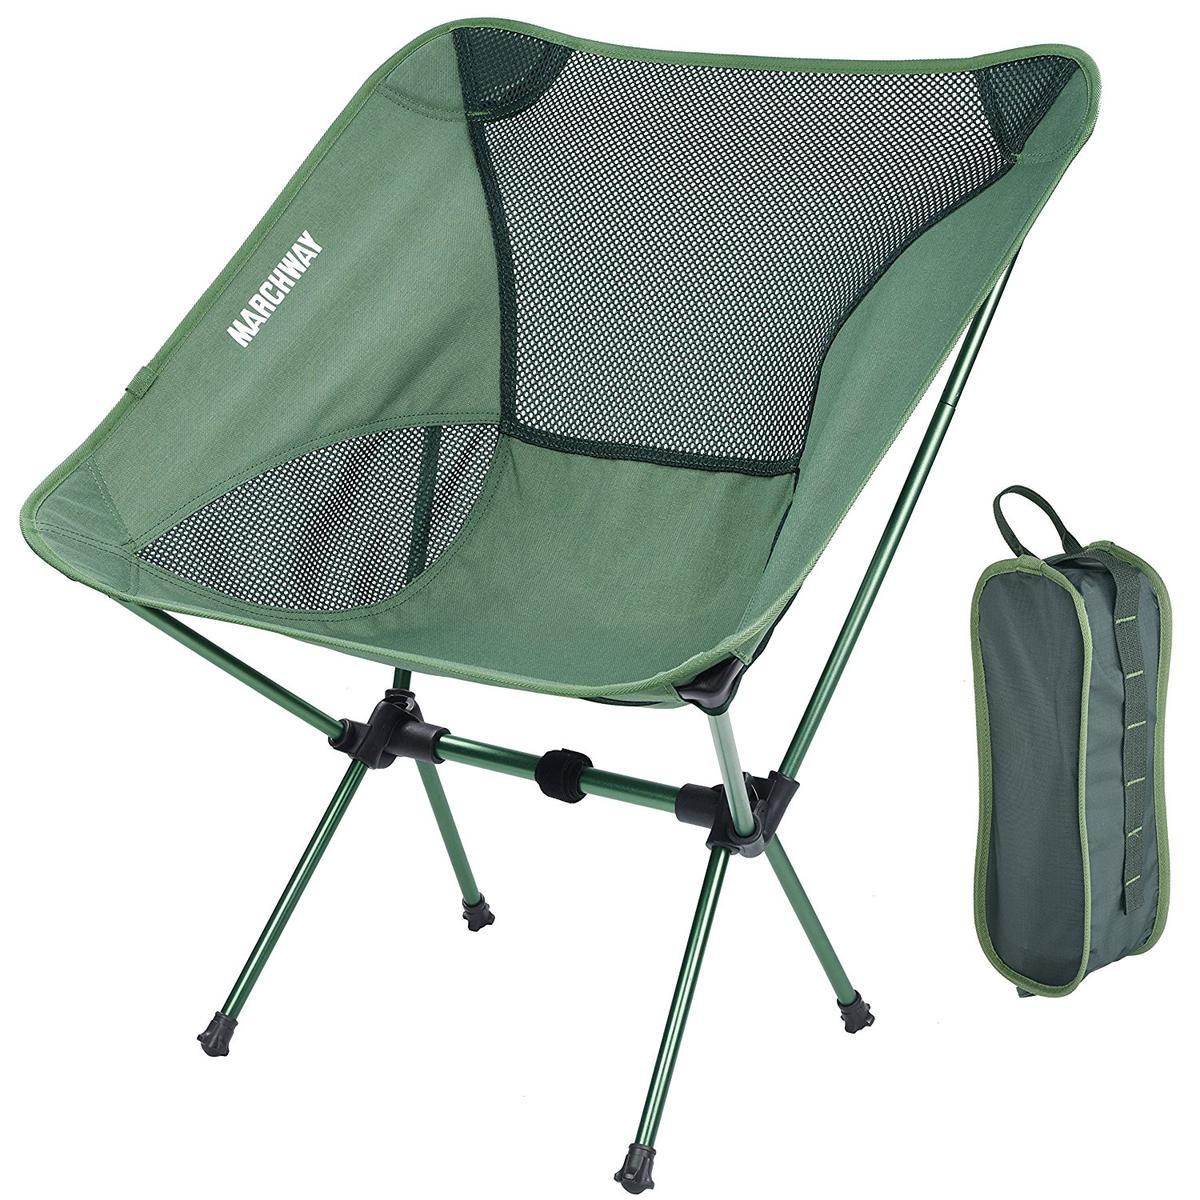 アウトドア キャンプ 椅子 グリーン 緑 折りたたみ 軽い 海外 MARCHWAY グッズ